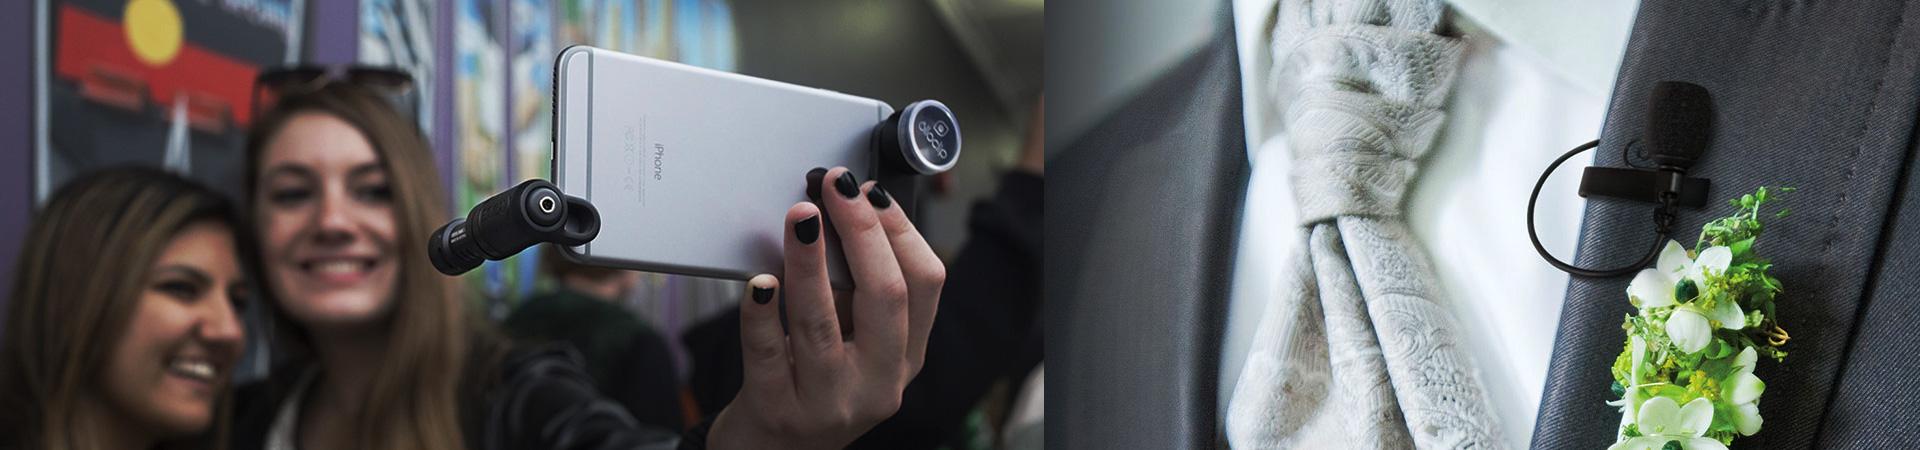 Jak dobrać mikrofon do urządzeń mobilnych?